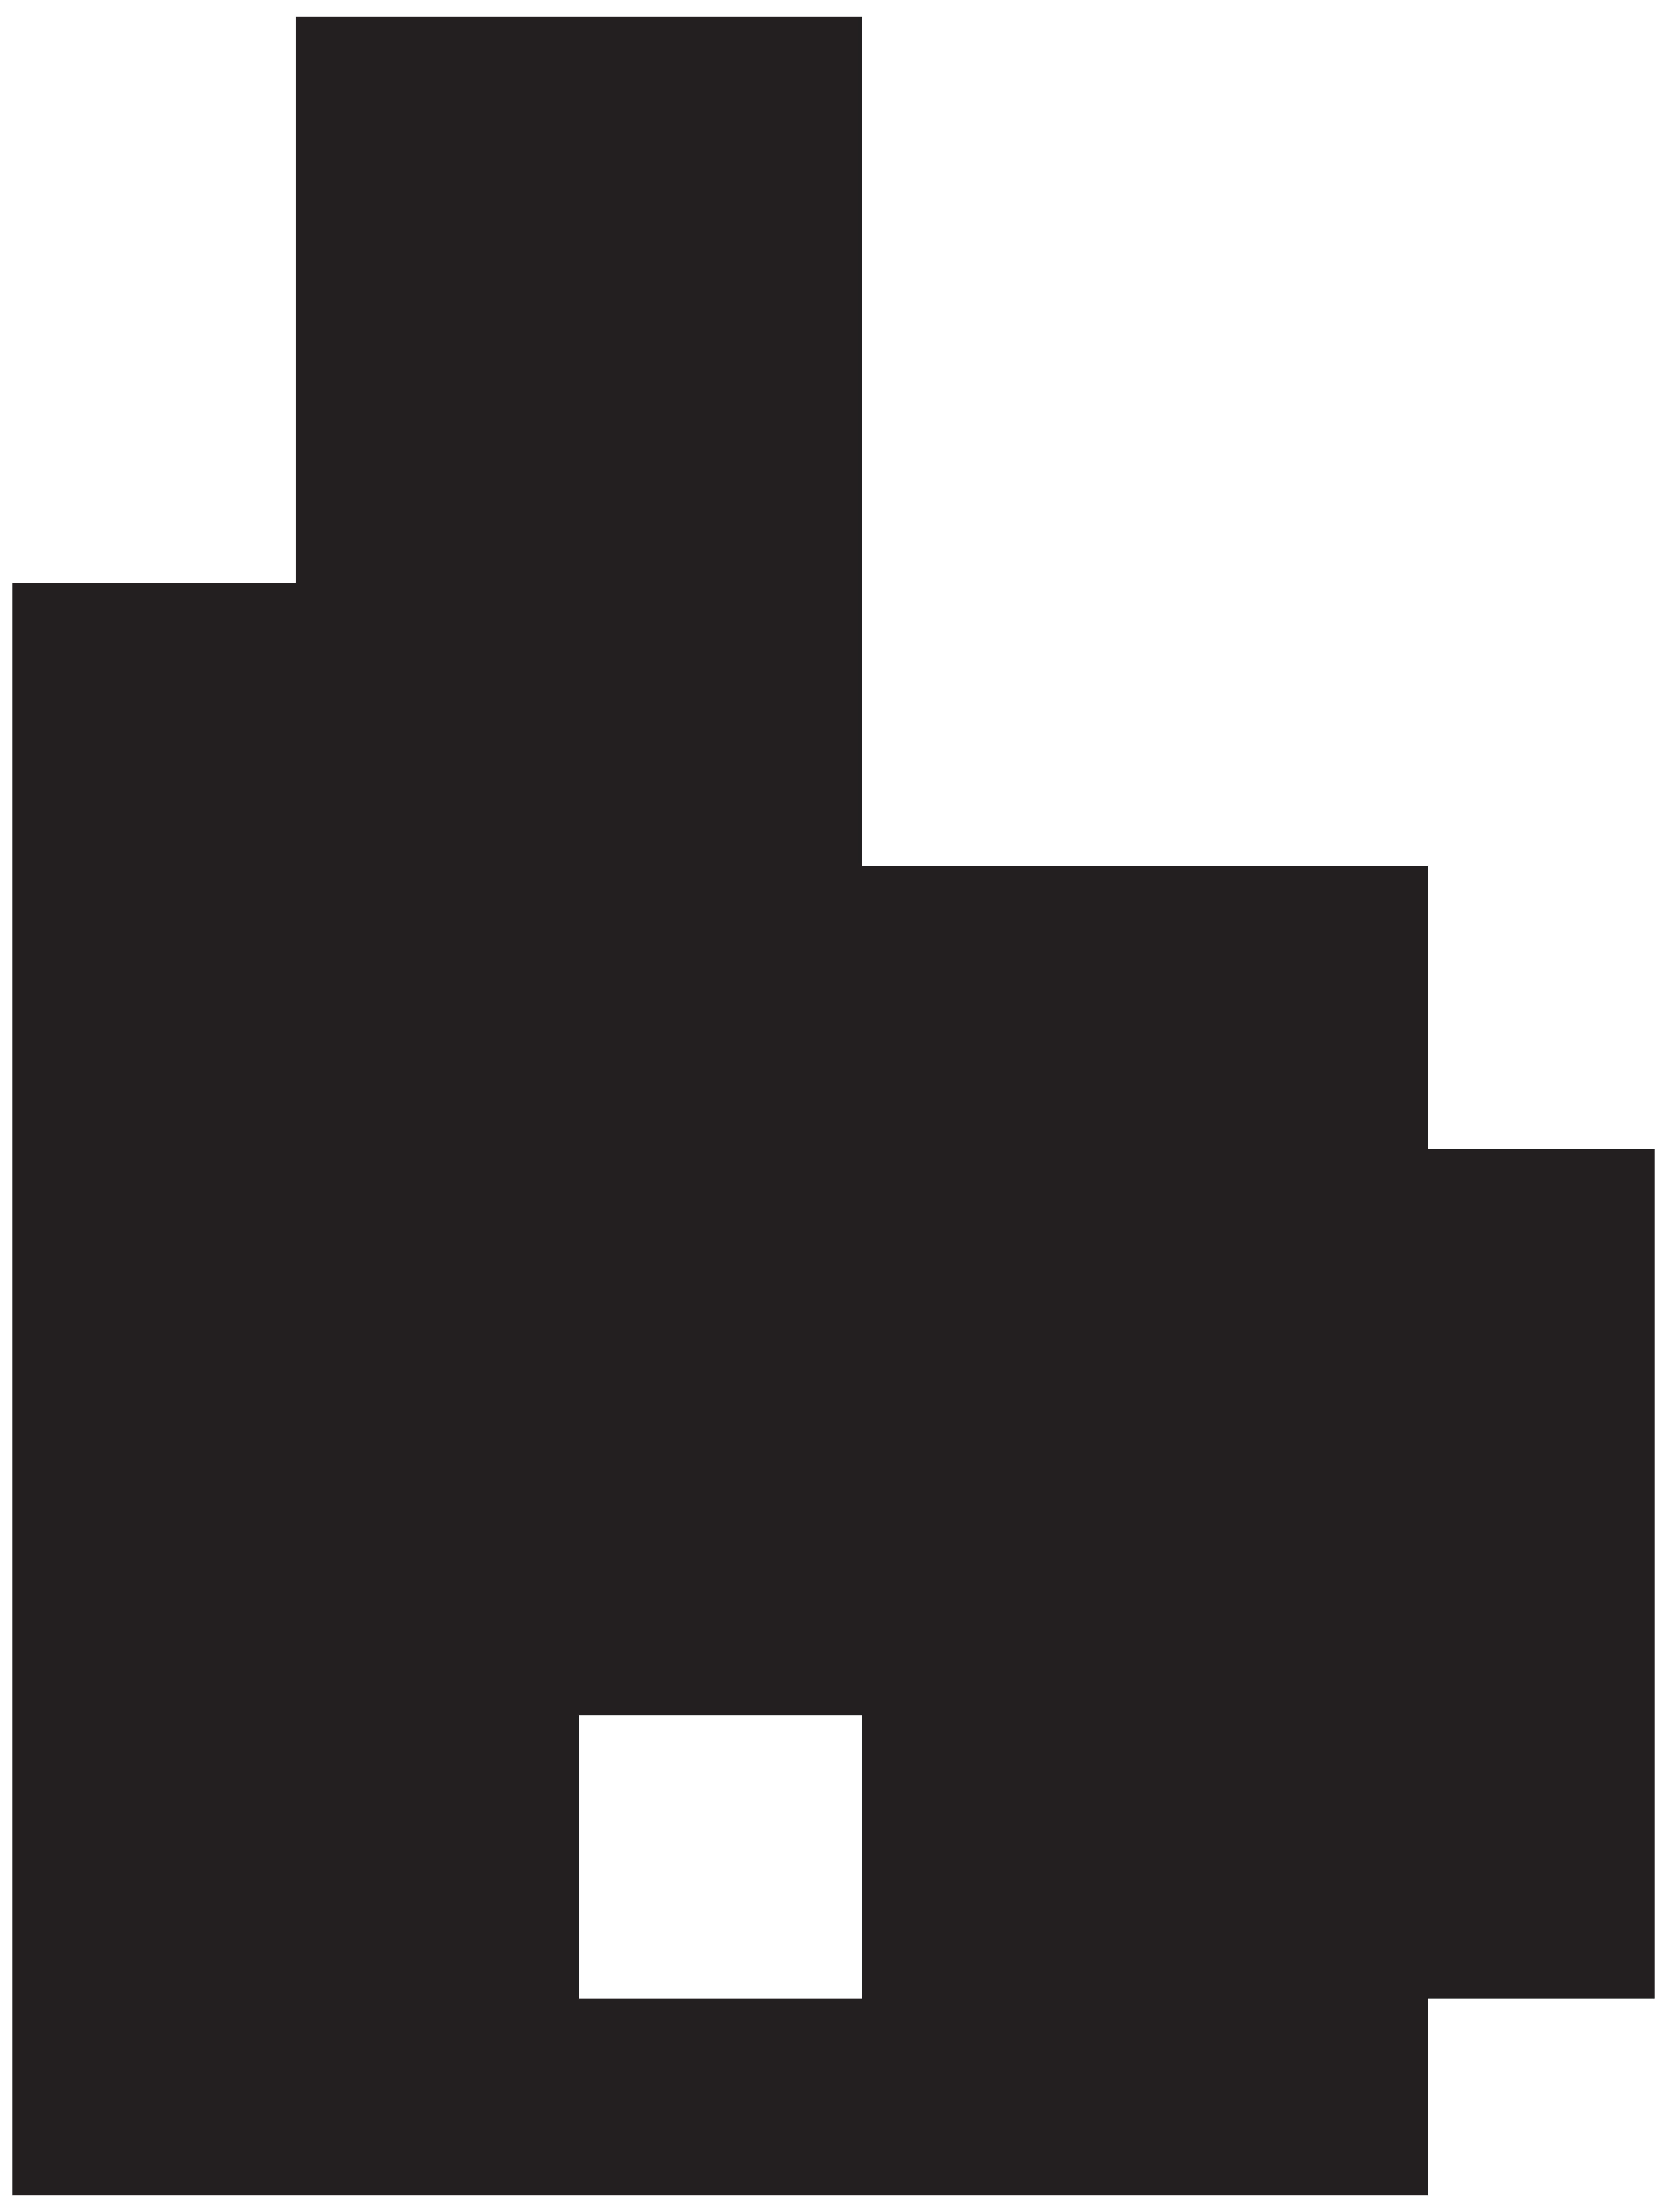 Pin By Savannah On Clip Art Mermaid Images Mermaid Drawings Mermaid Silhouette